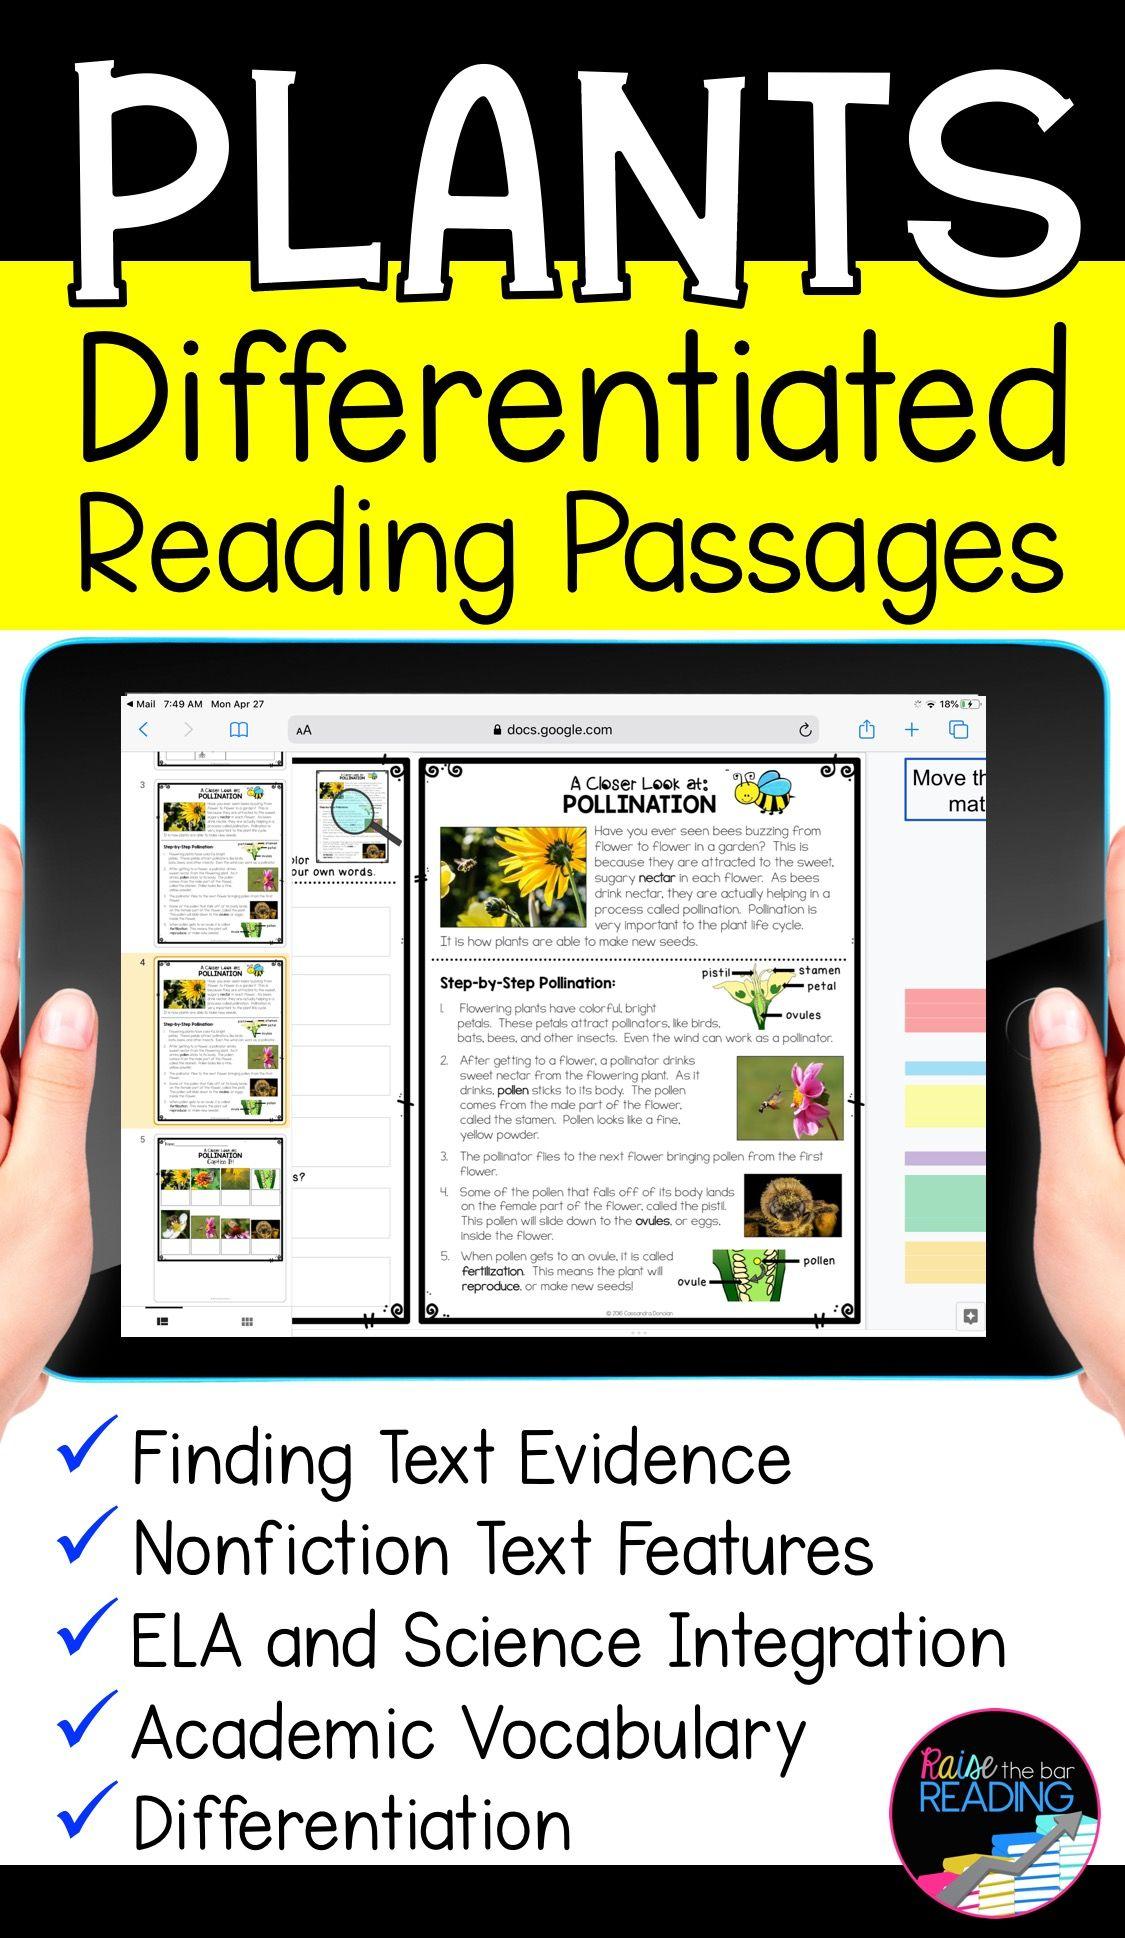 Plants Digital Reading Passages Reading Comprehension Passages Reading Passages Differentiated Reading Passages [ 1938 x 1125 Pixel ]